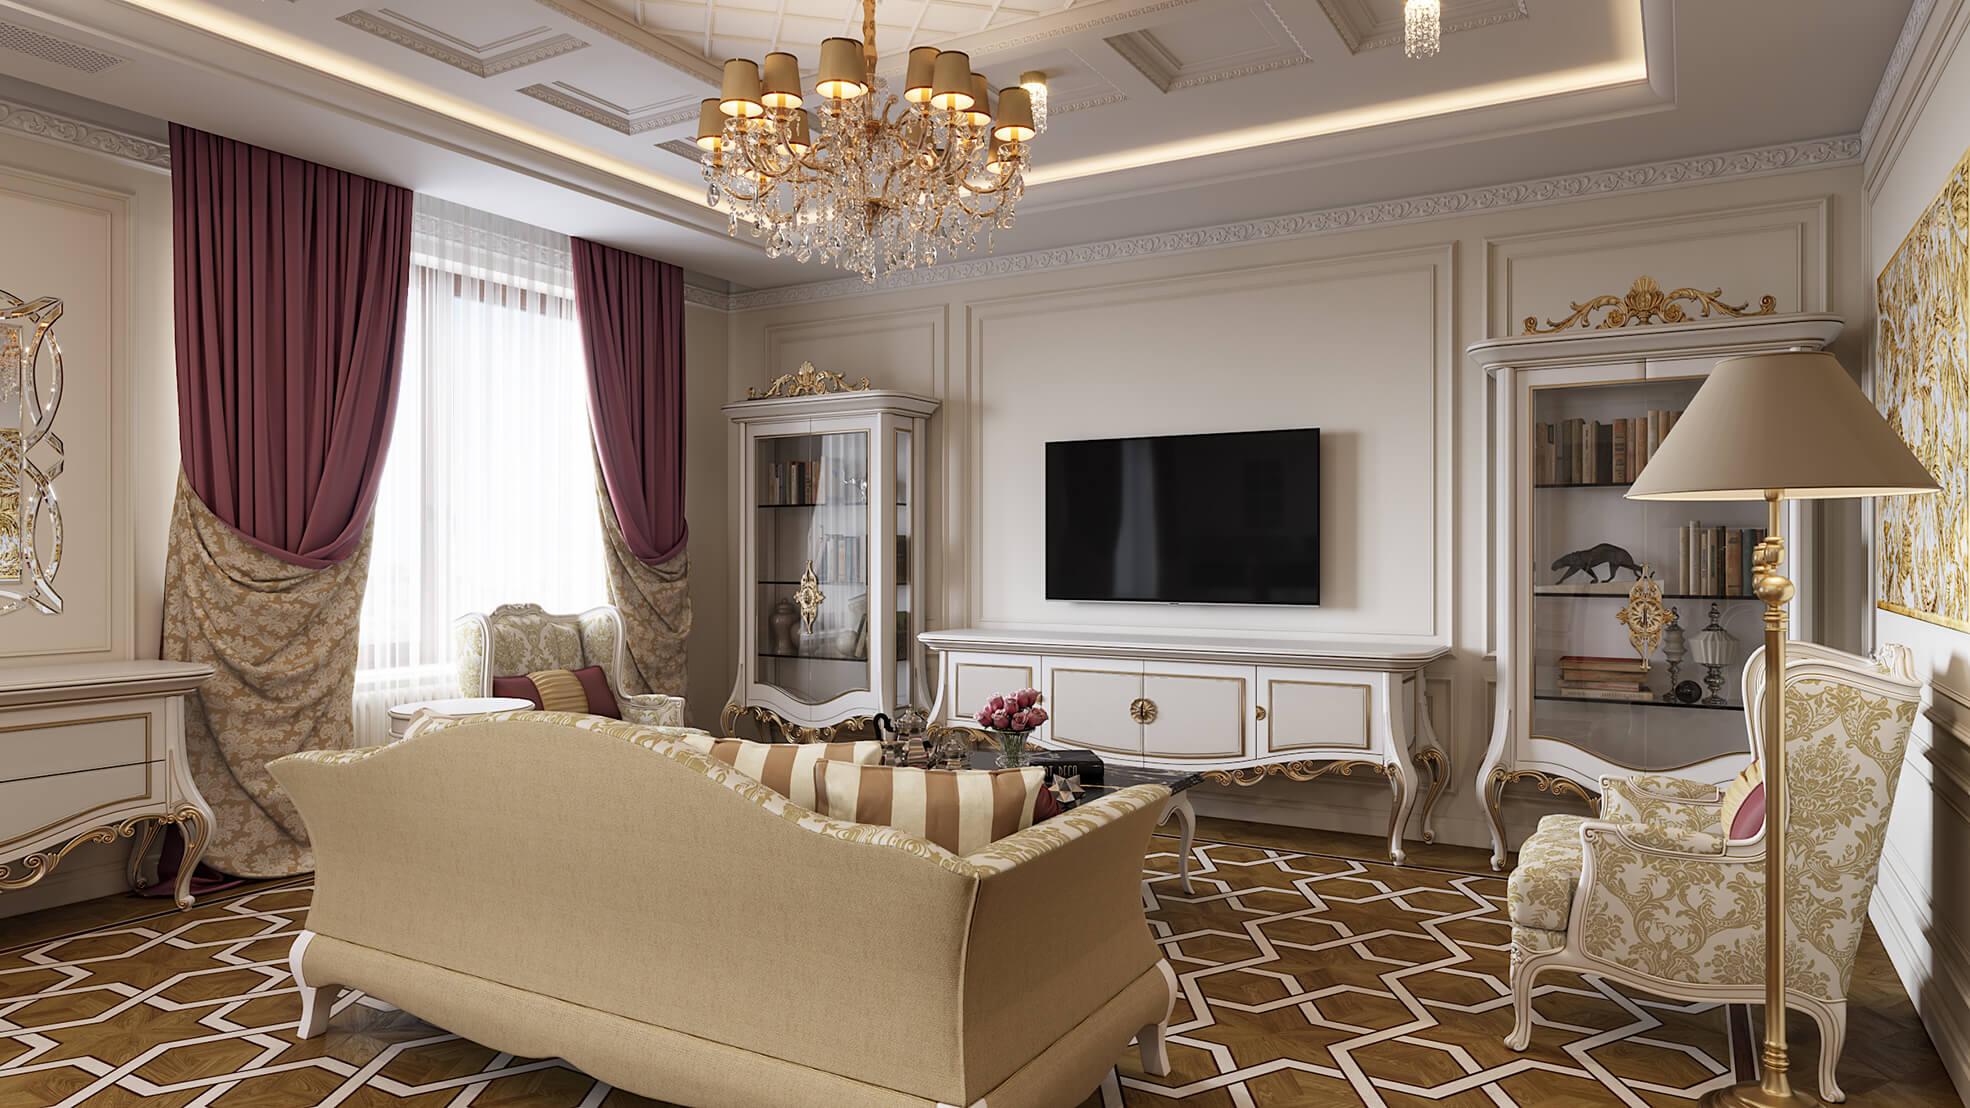 phong cách thiết kế nội thất nhà chung cư đẹp nhất hiện nay 24